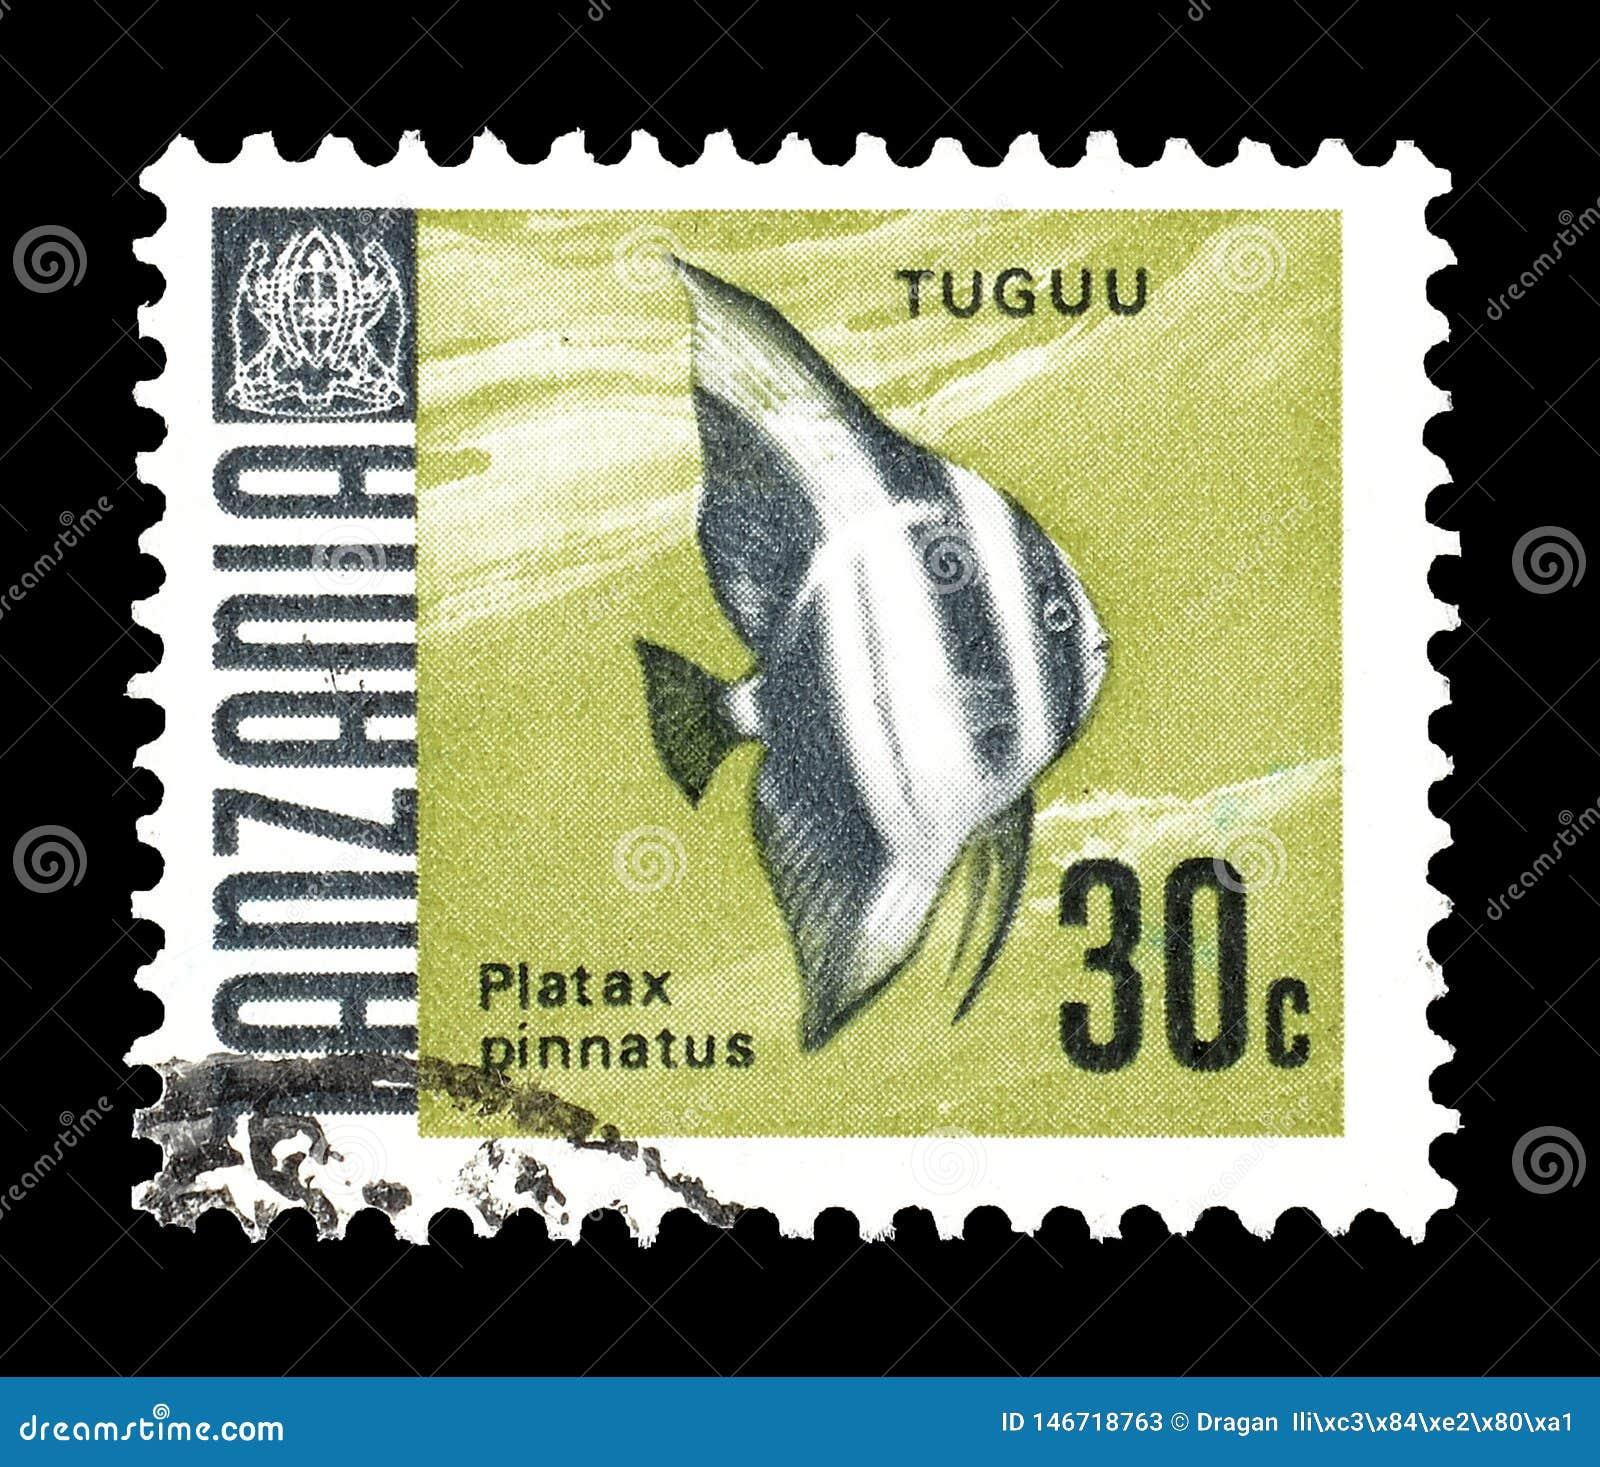 Dzikie zwierzęta na znaczkach pocztowych